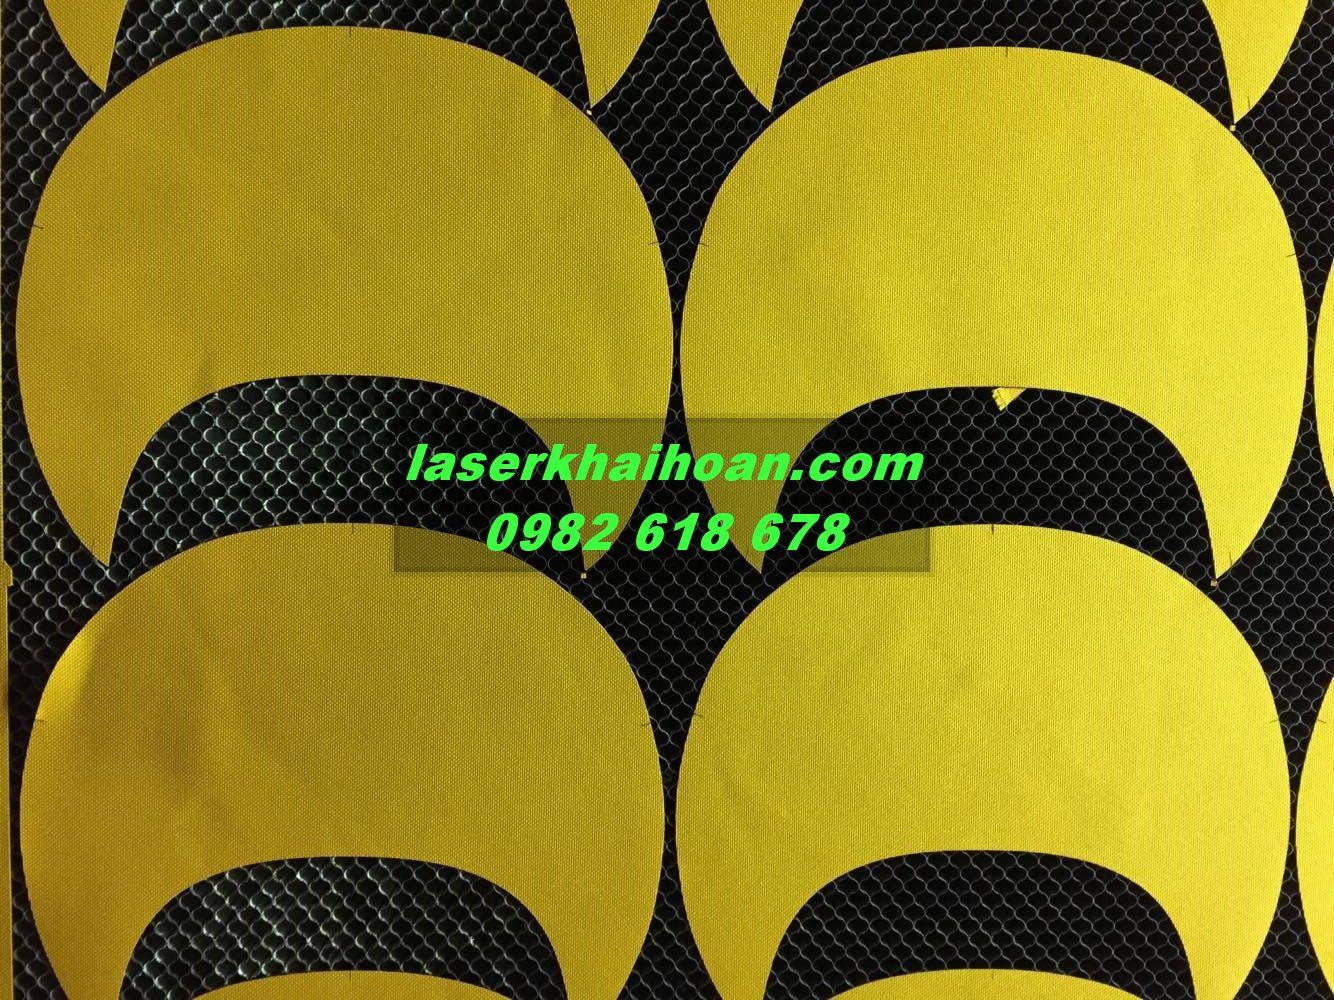 cắt laser trên vải nhung